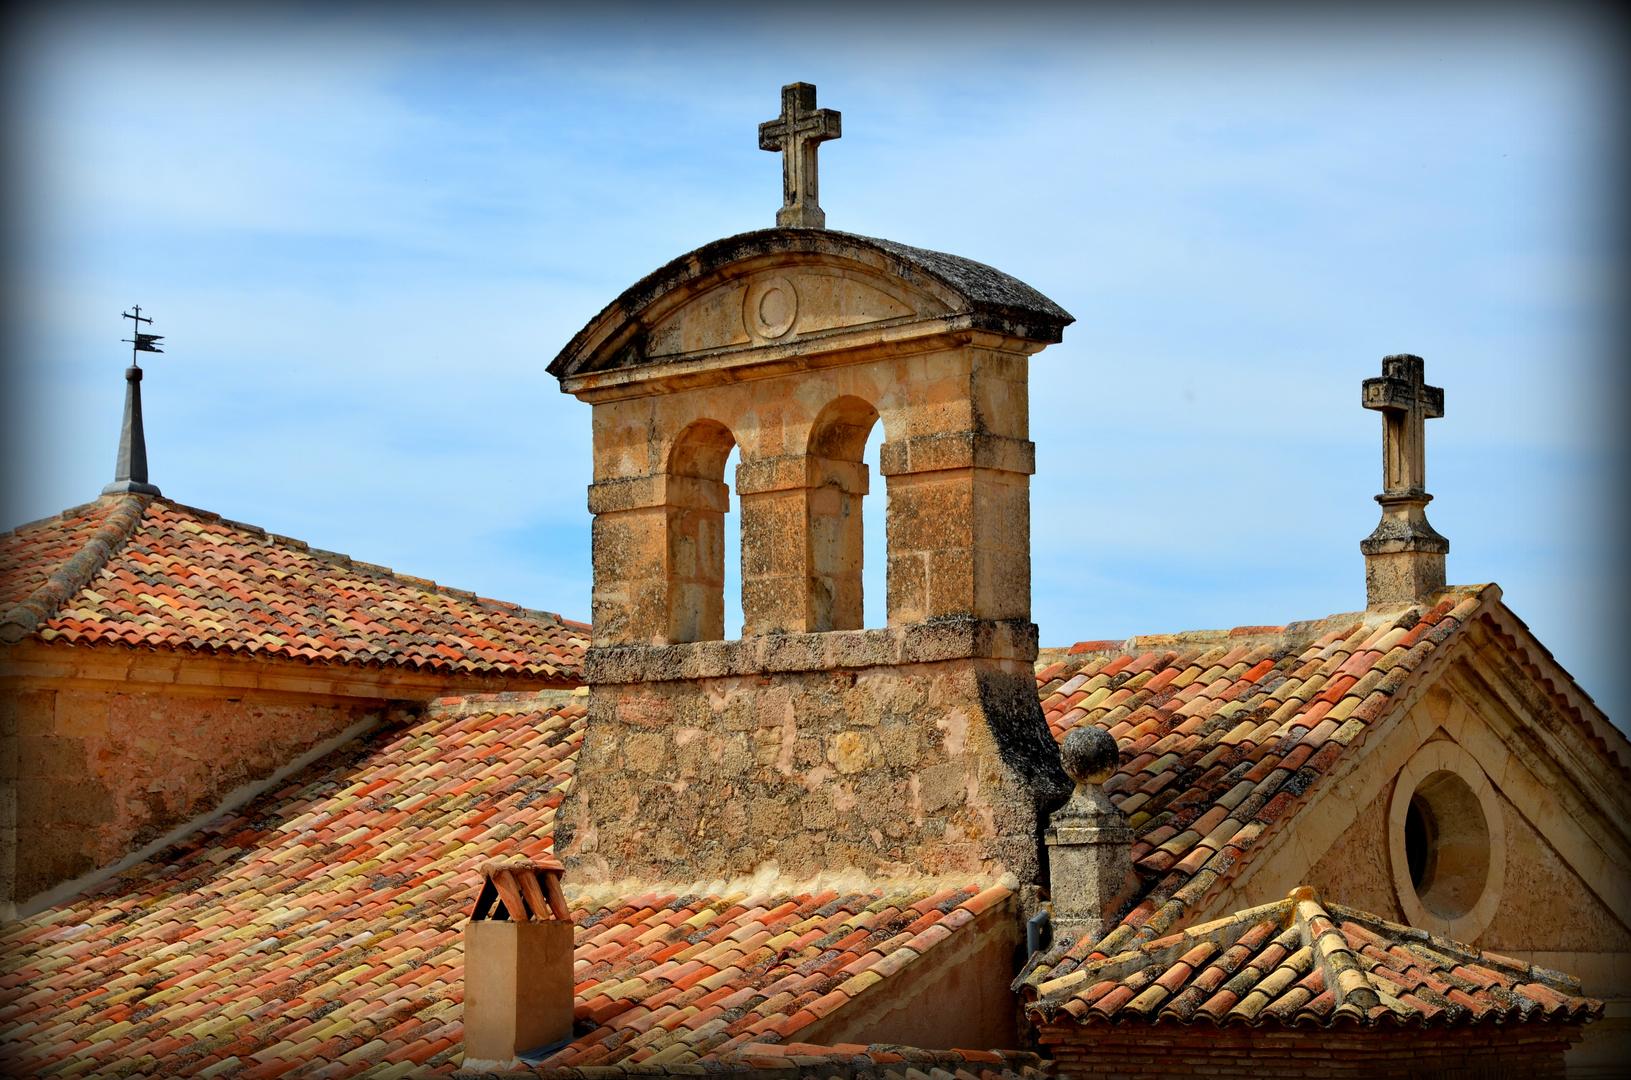 Sobre el tejado